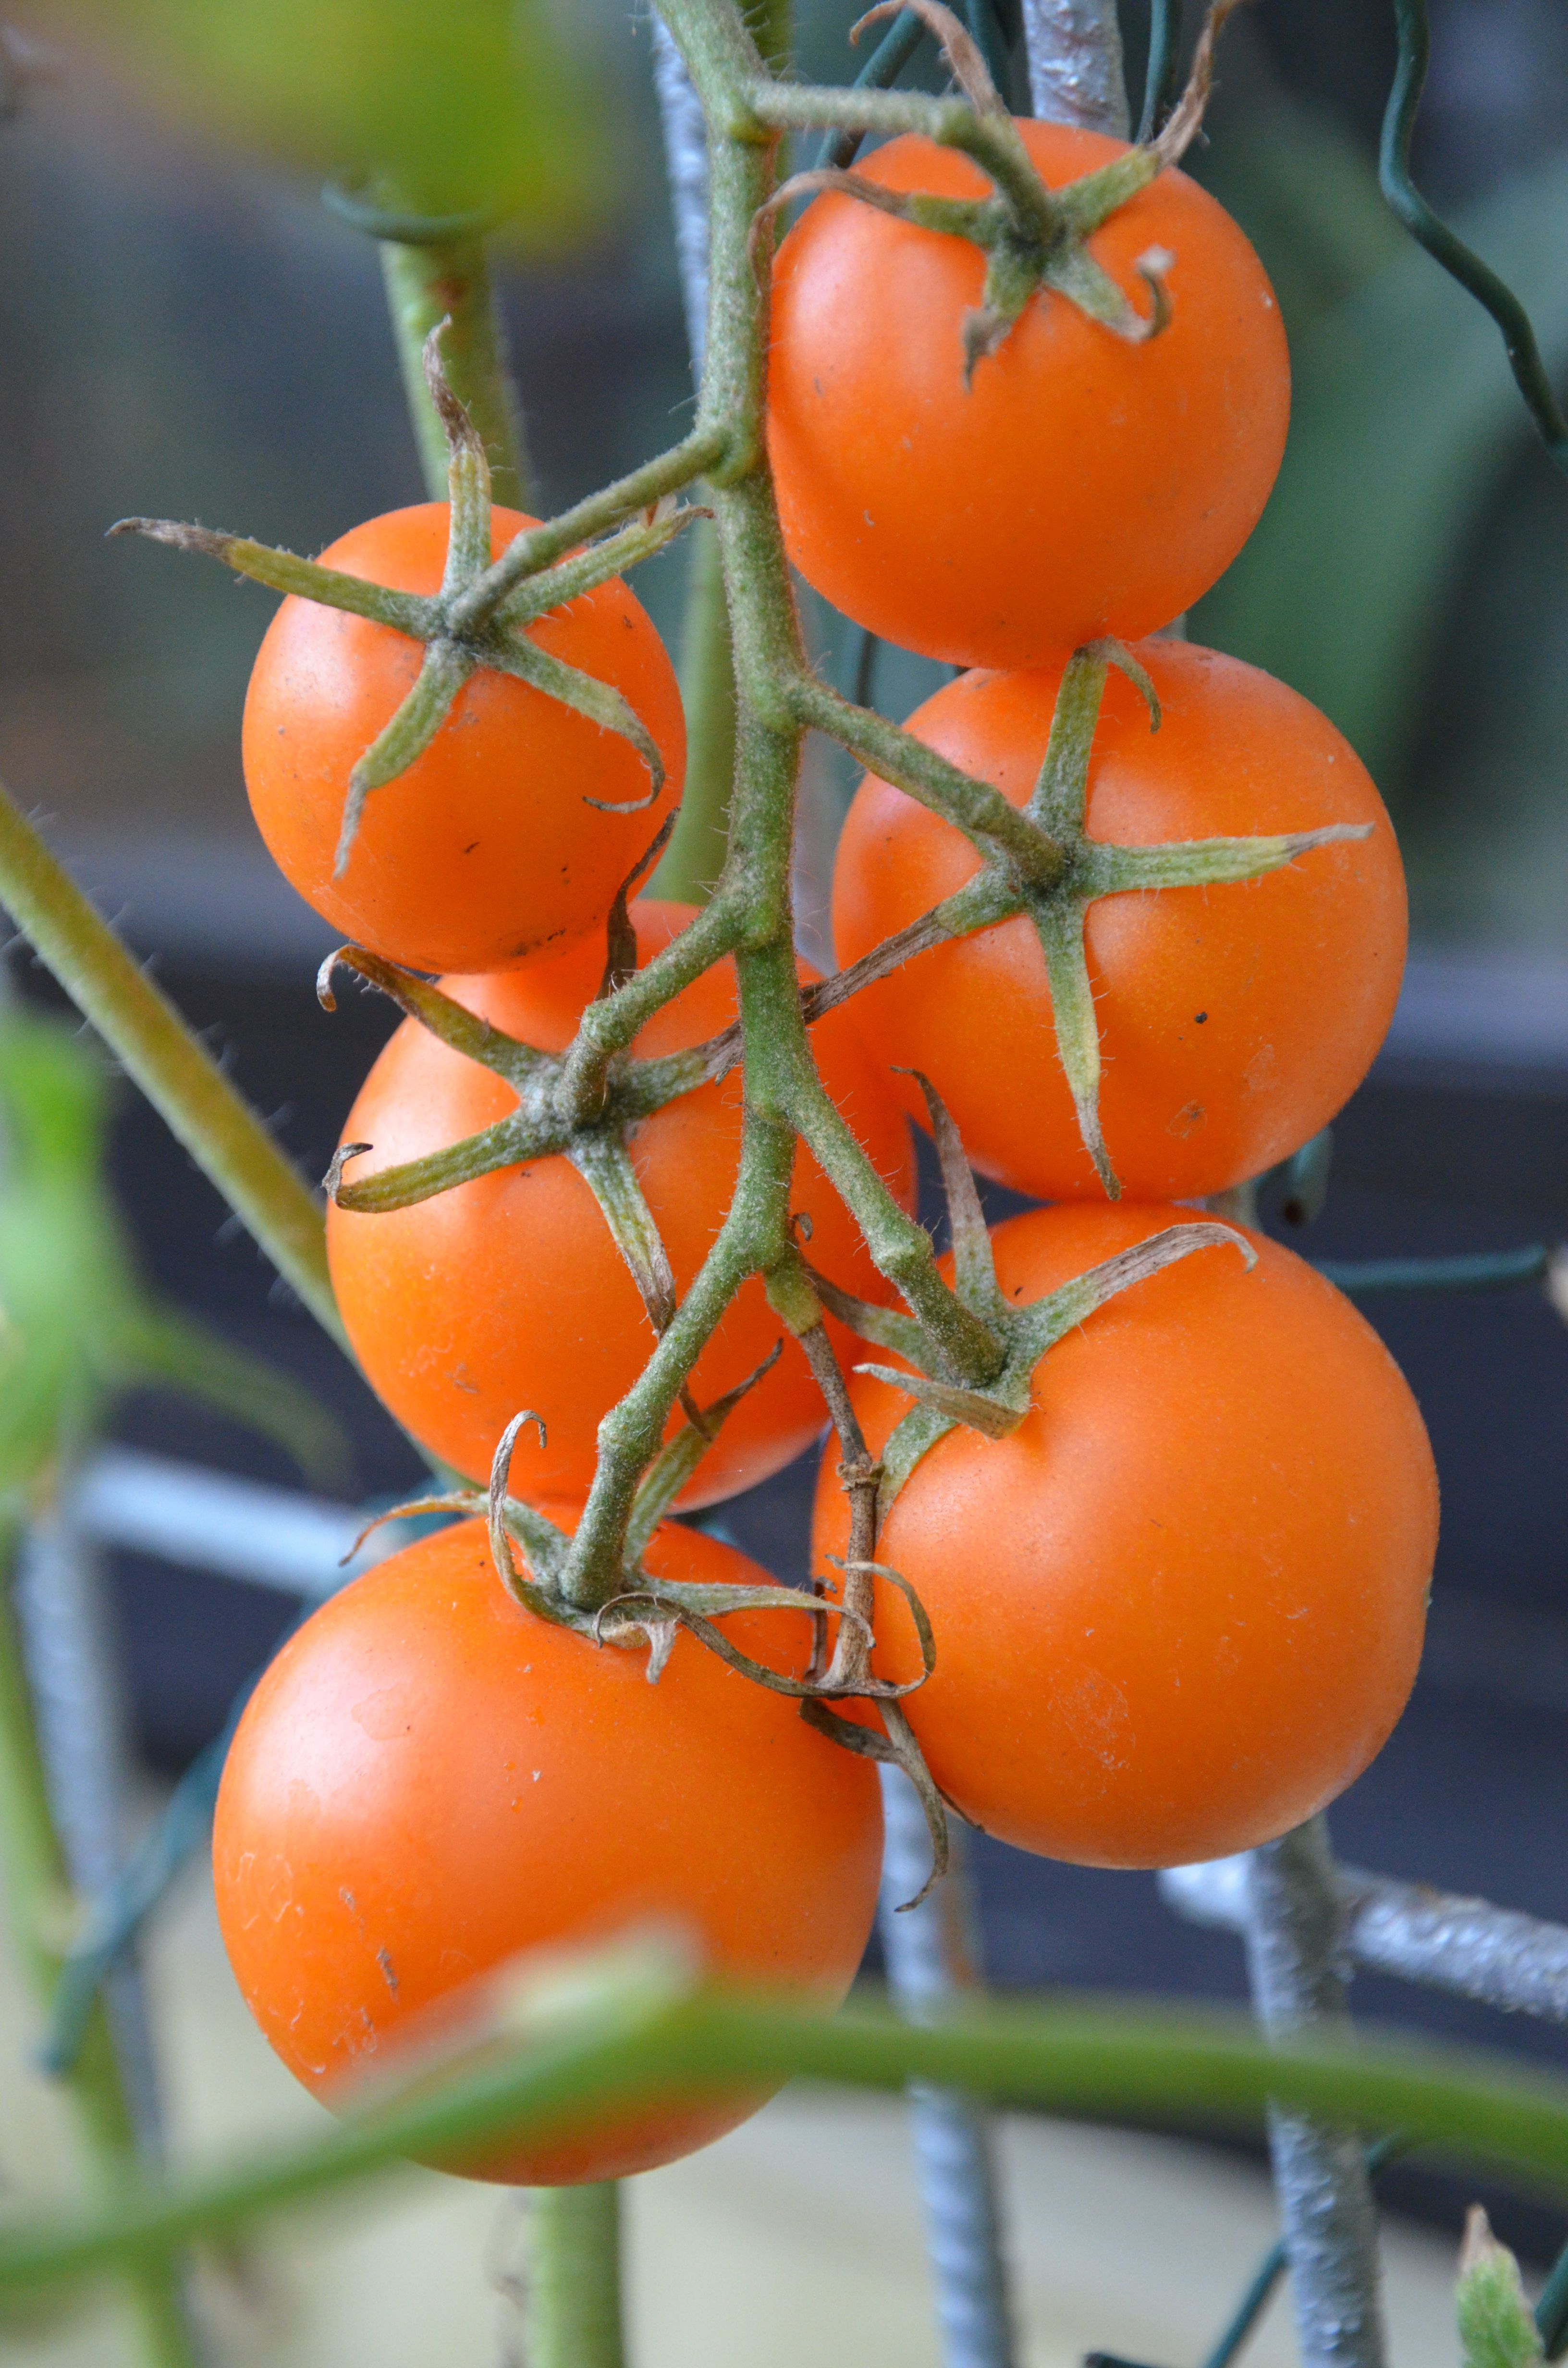 Orangene Tomatensorten Aus Dem Eigenen Garten Es Handelt Sich Um Eine Alte Sorte Meiner Grossmutter Sie Liebte Altbewahrte Und Robuste Tomate Tomato Vegetables